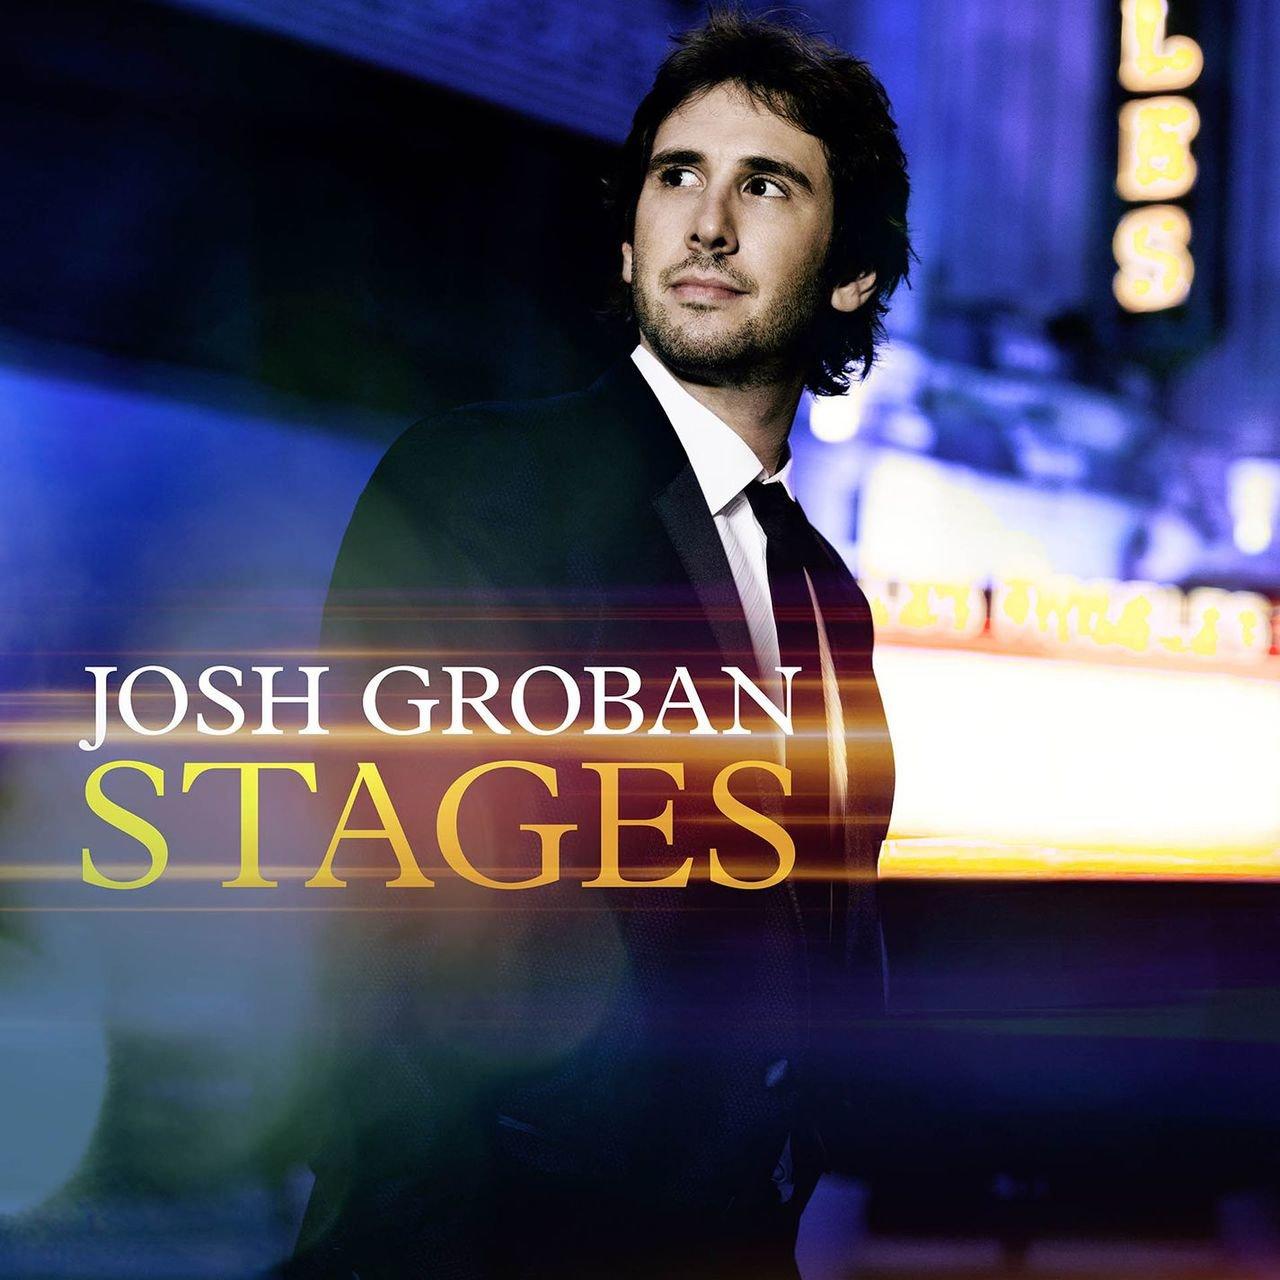 TIDAL: Listen to Josh Groban on TIDAL